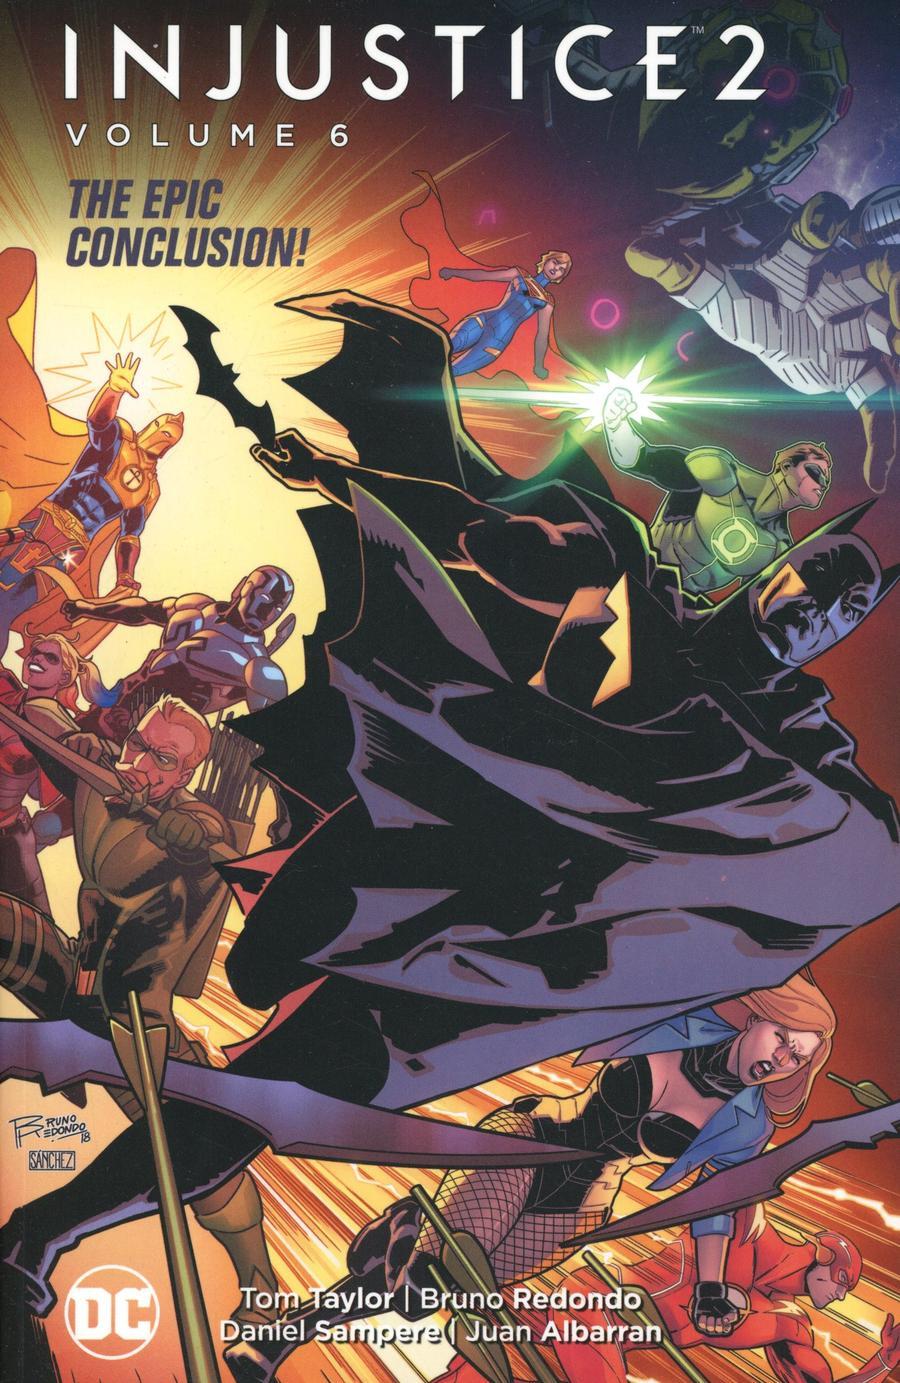 Injustice 2 Vol 6 TP